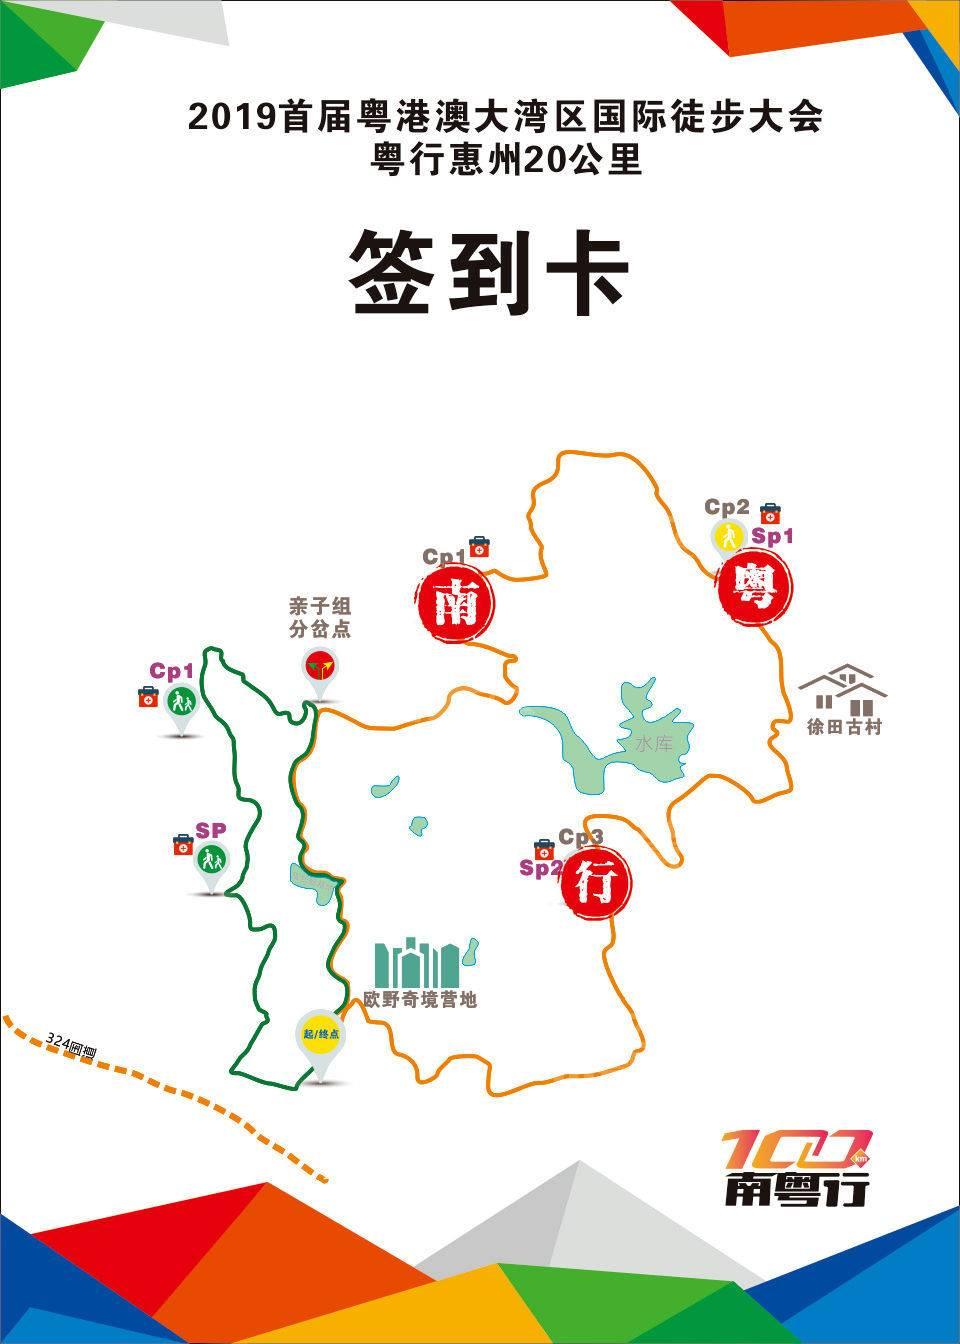 五五户外-【大型活动】2019首届粤港澳大湾区国际徒步大会-南粤行惠州站20km